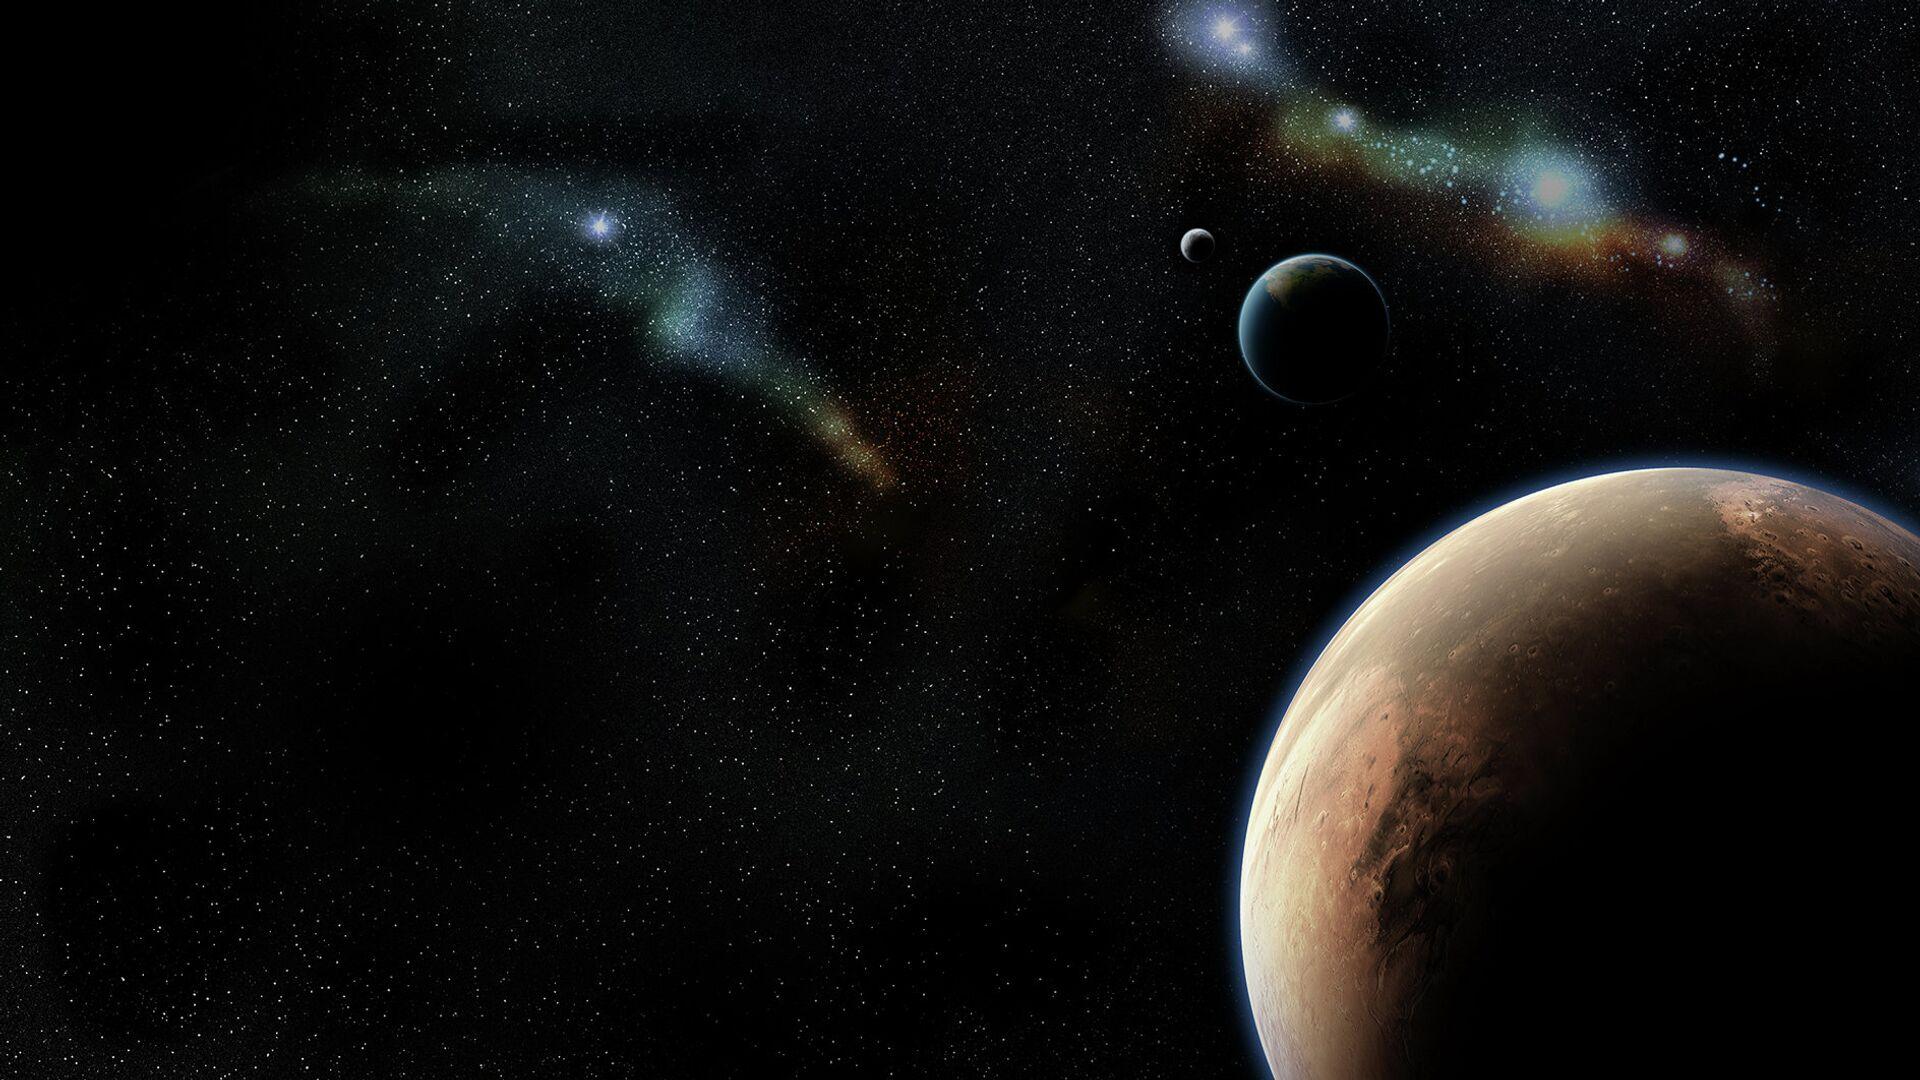 Вид на Марс и Землю, открытый космос - РИА Новости, 1920, 09.04.2021